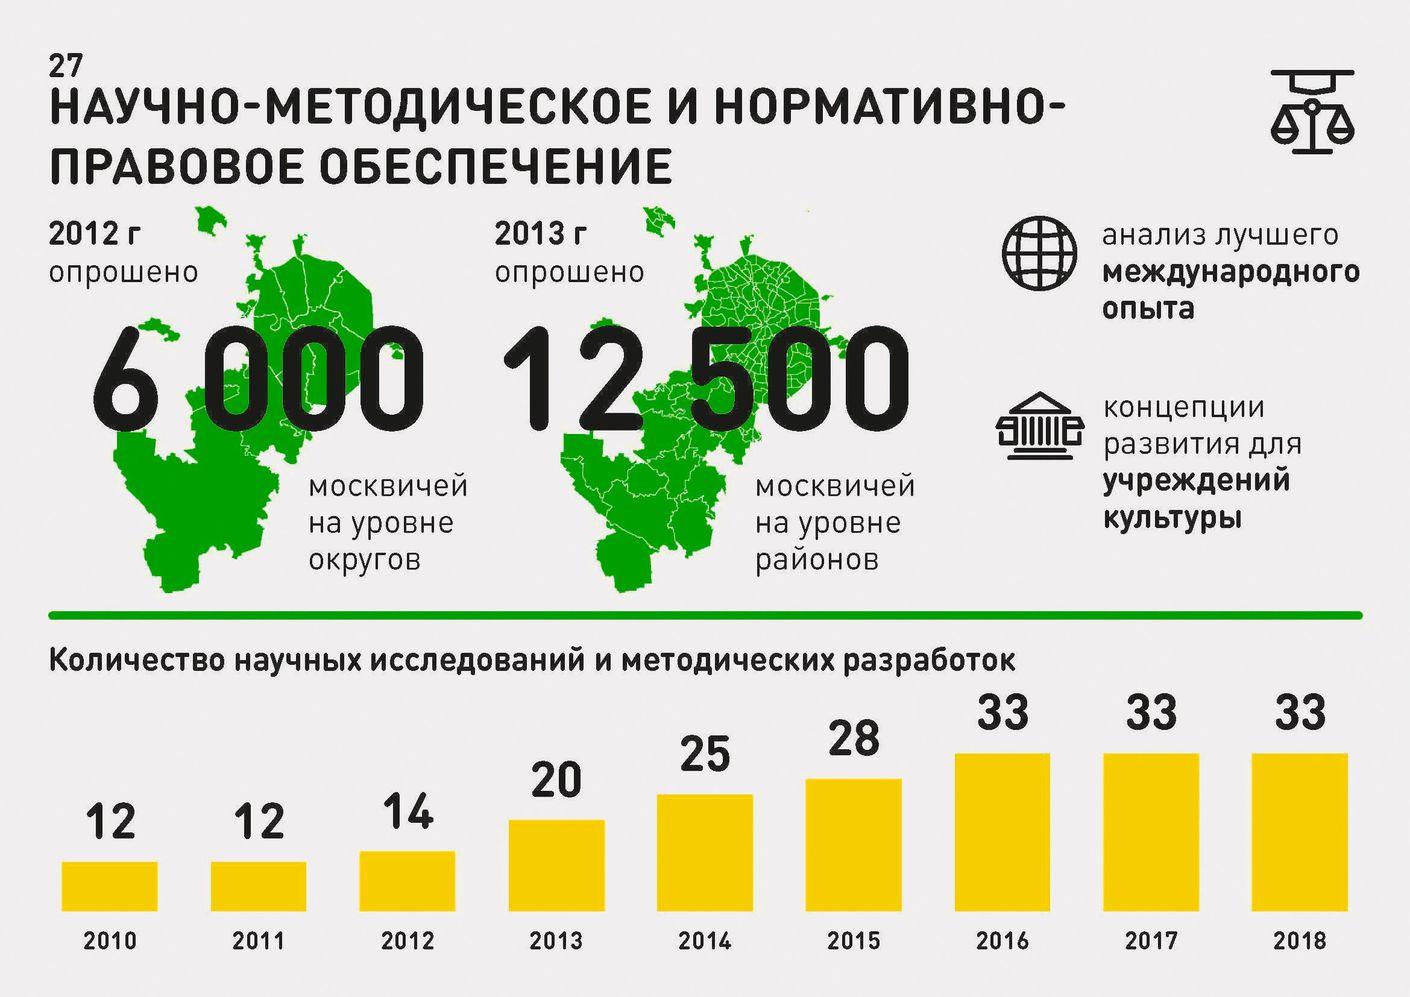 Инфографика для Департамента культуры Москвы. Лаборатория дизайна НИУ ВШЭ - hsedesignlab.ru